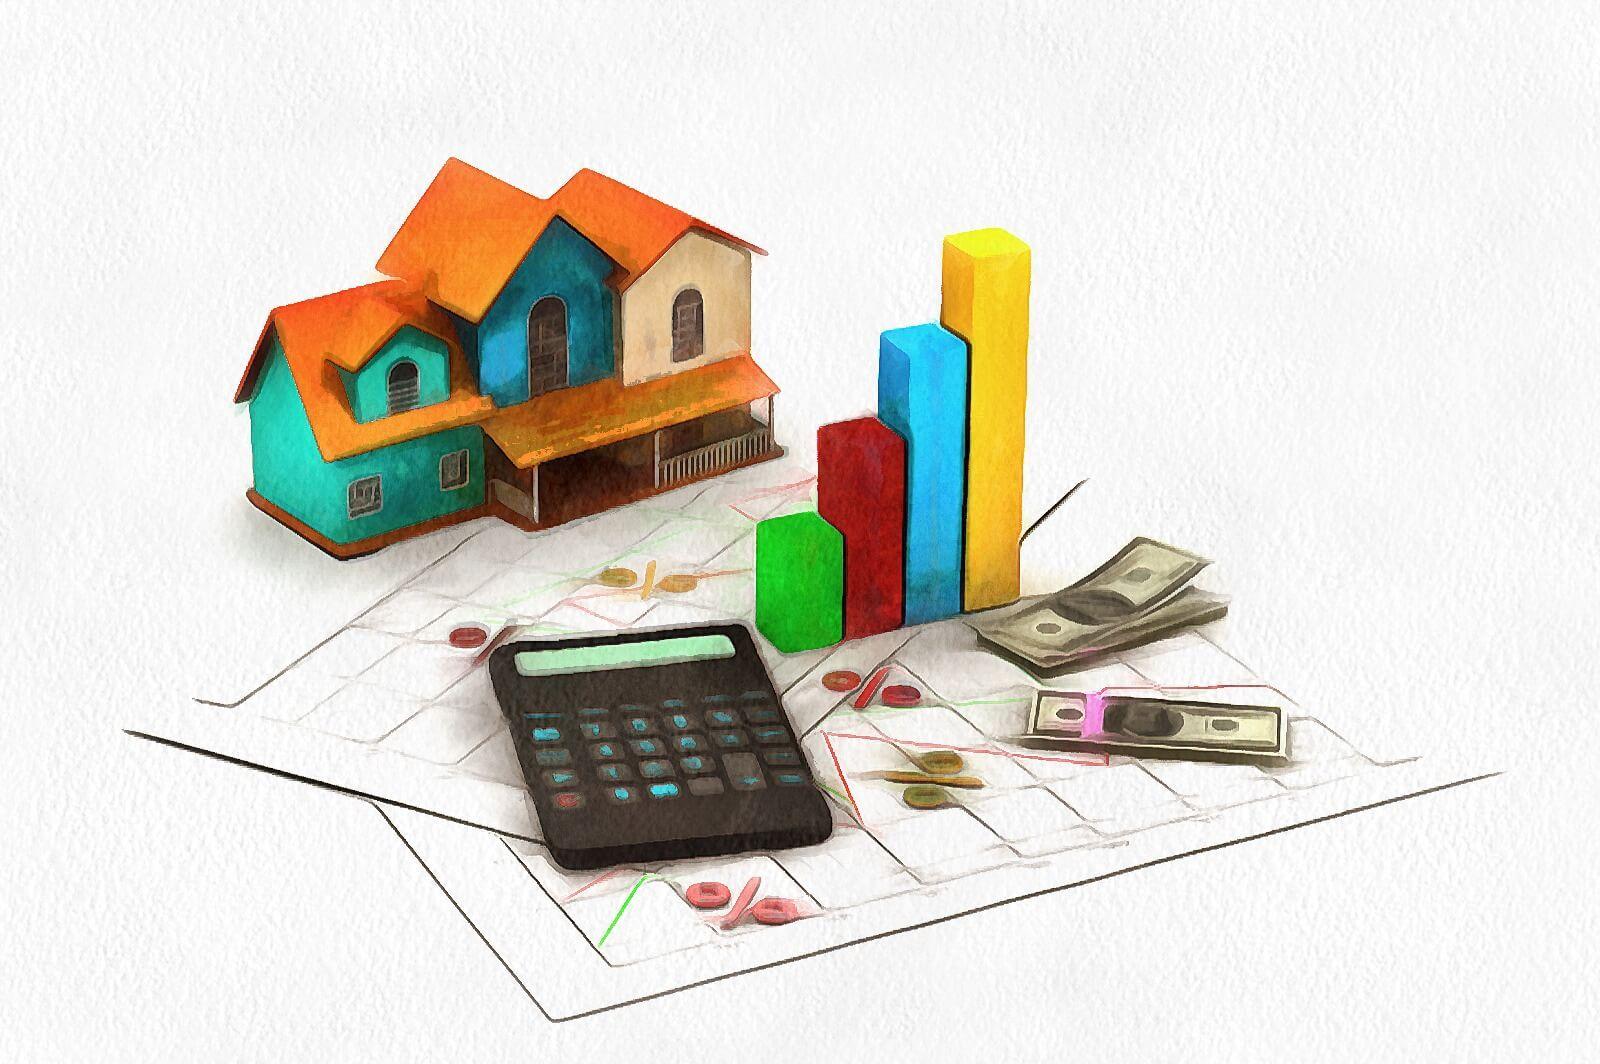 Как лучше заключать договор ипотеки по снижению сроков или суммы. Уменьшение суммы займа и сроков при рефинансировании